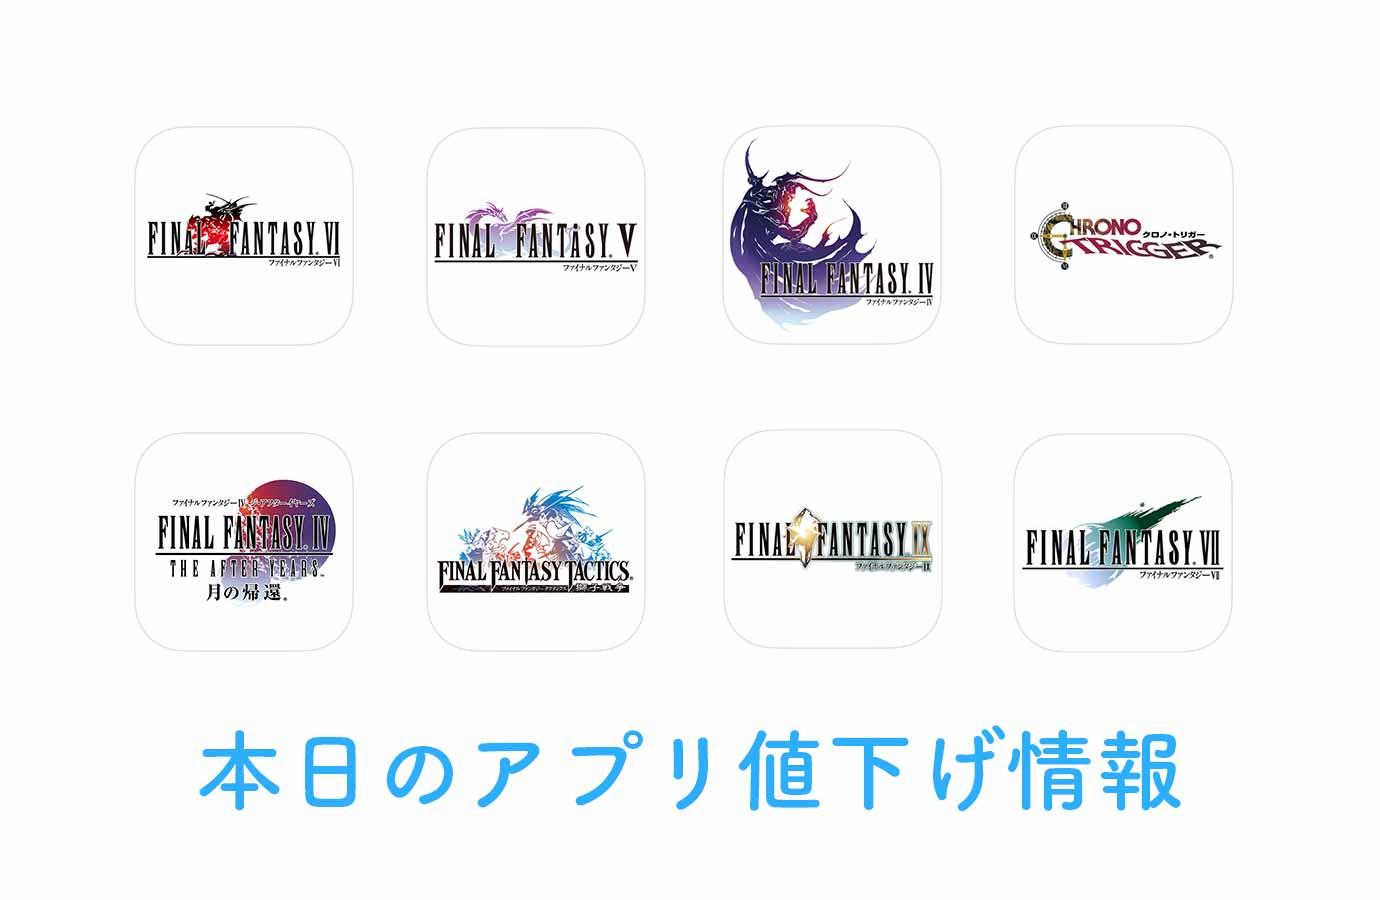 スクエニのファイナルファンタジーシリーズやクロノトリガーなど【12/22】アプリ値下げ情報